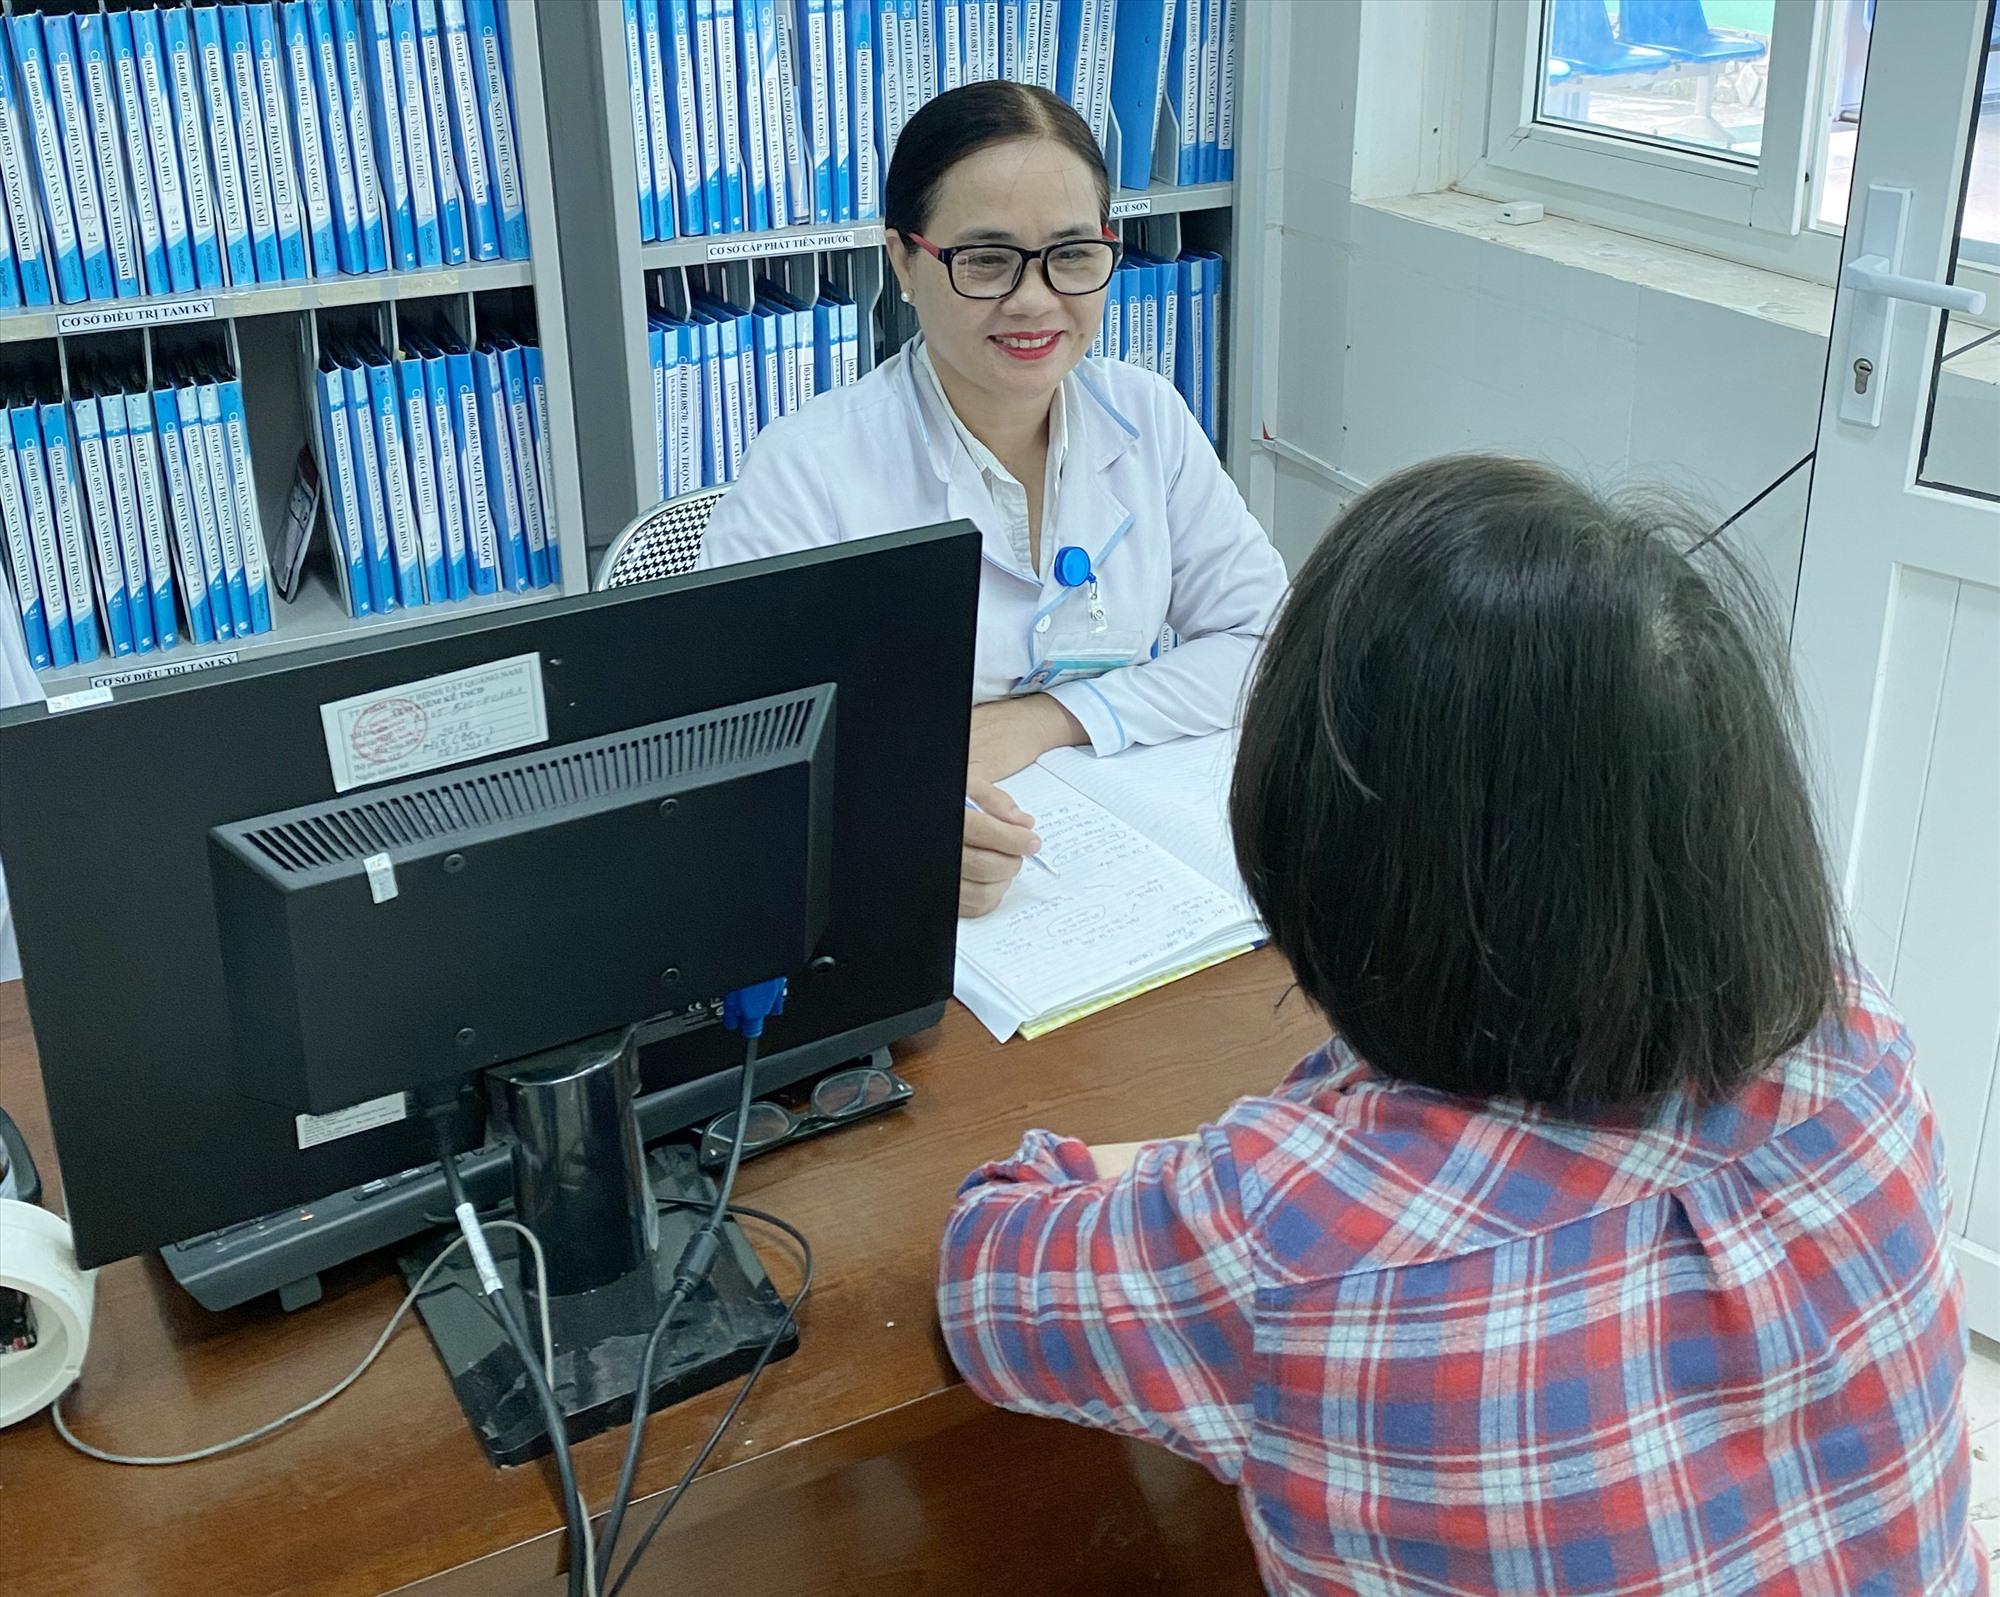 Tư vấn cho bệnh nhân HIV tại Khoa Phòng chống HIV/AIDS, Trung tâm CDC Quảng Nam.Ảnh: P.H